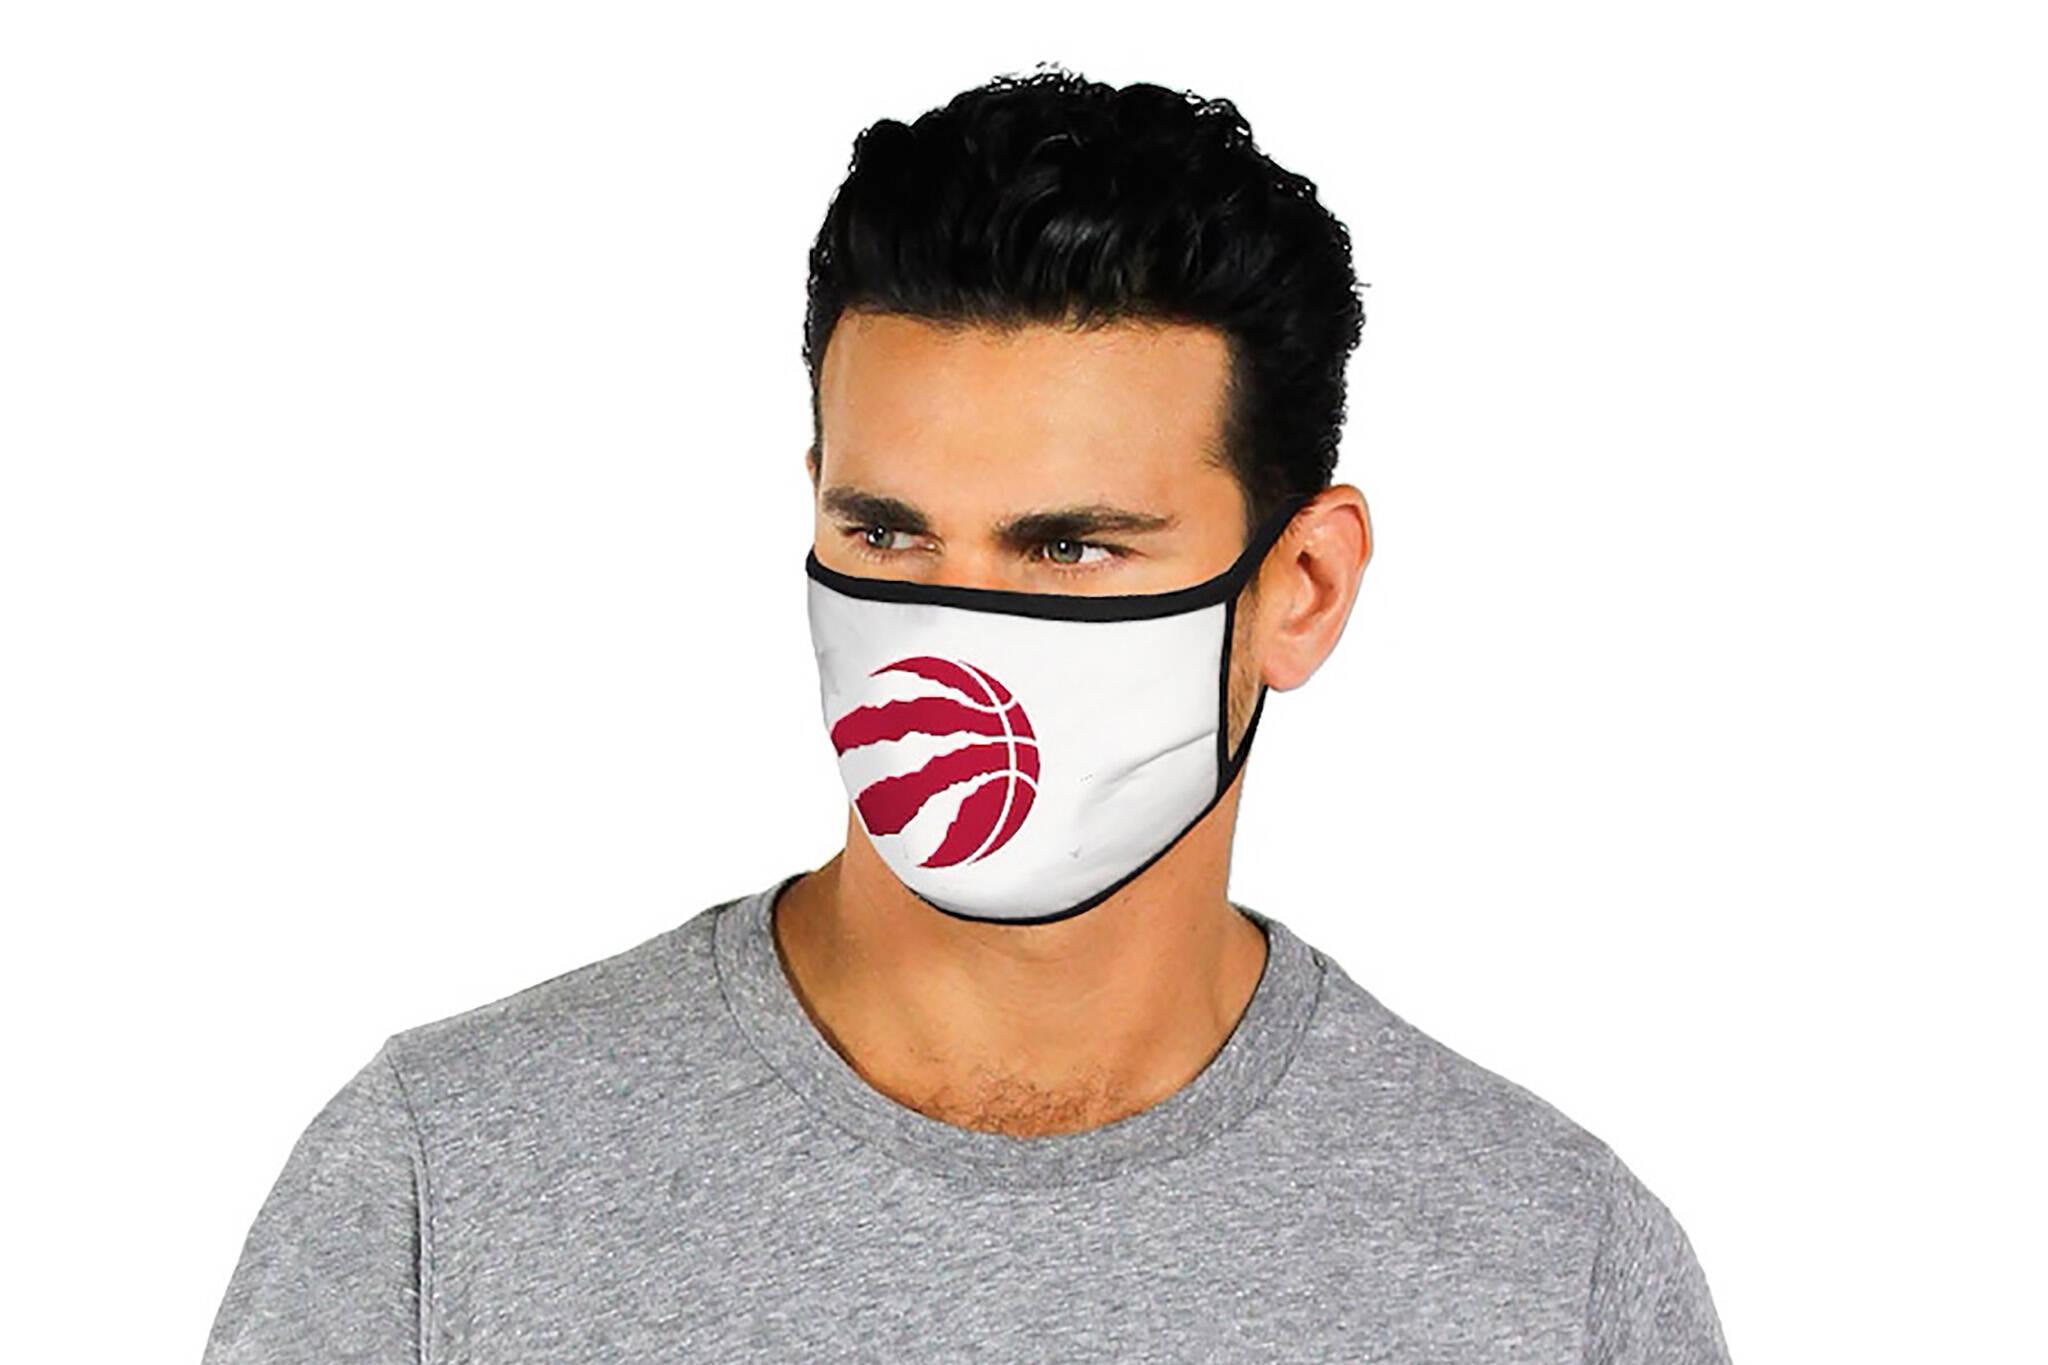 raptors face masks